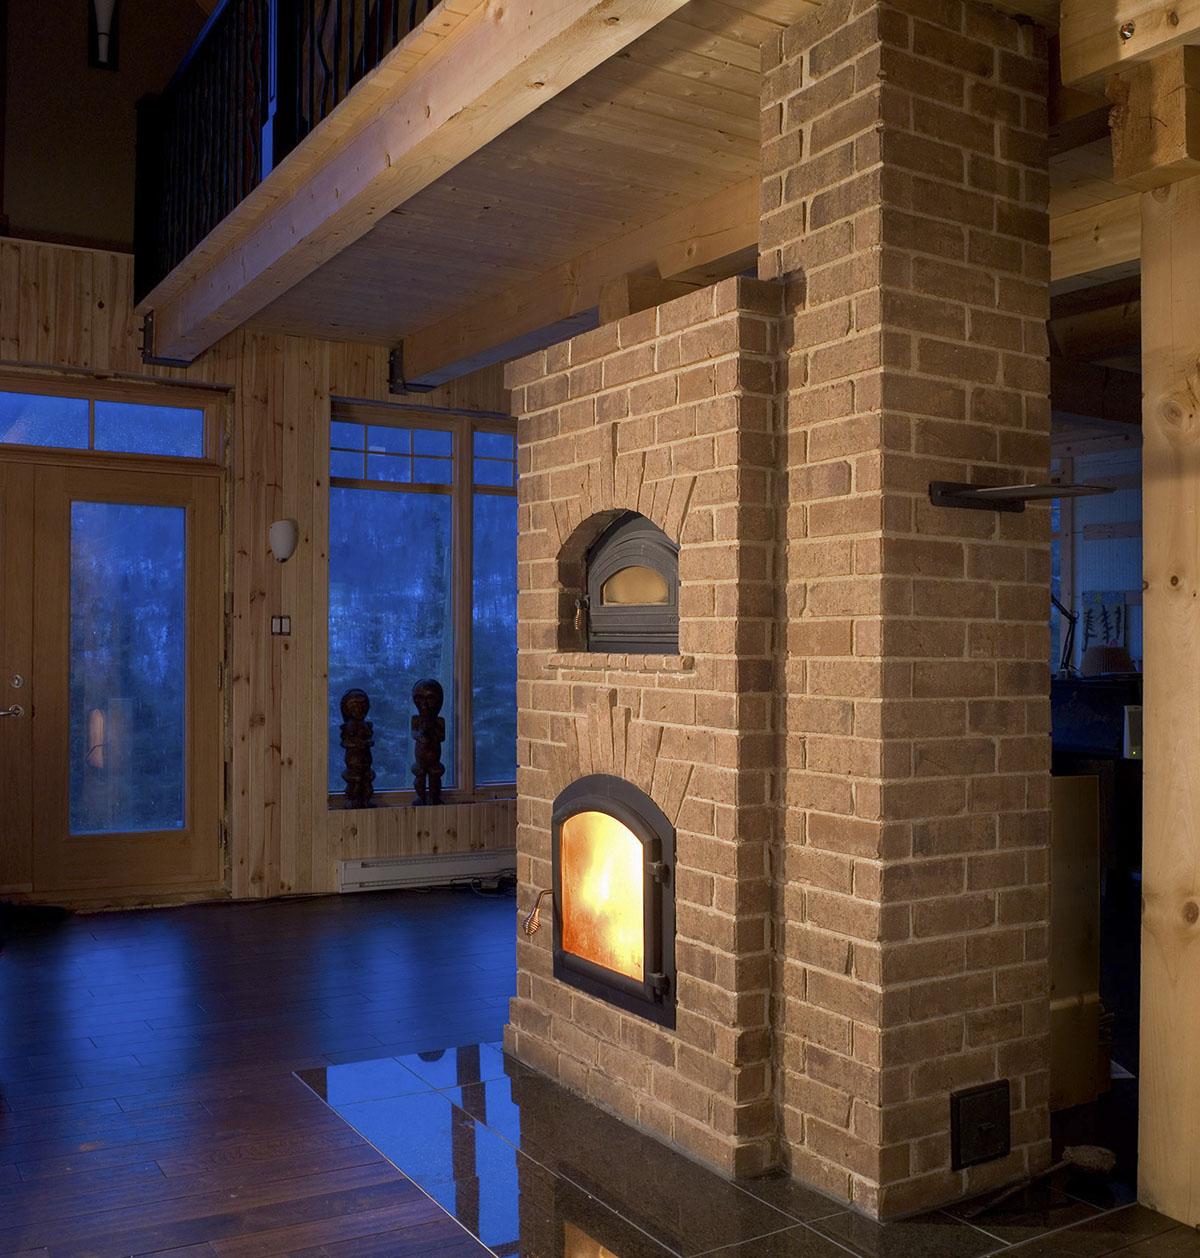 brique de chemine brique de chemine relooker cheminee brique diy relooker cheminee brique. Black Bedroom Furniture Sets. Home Design Ideas